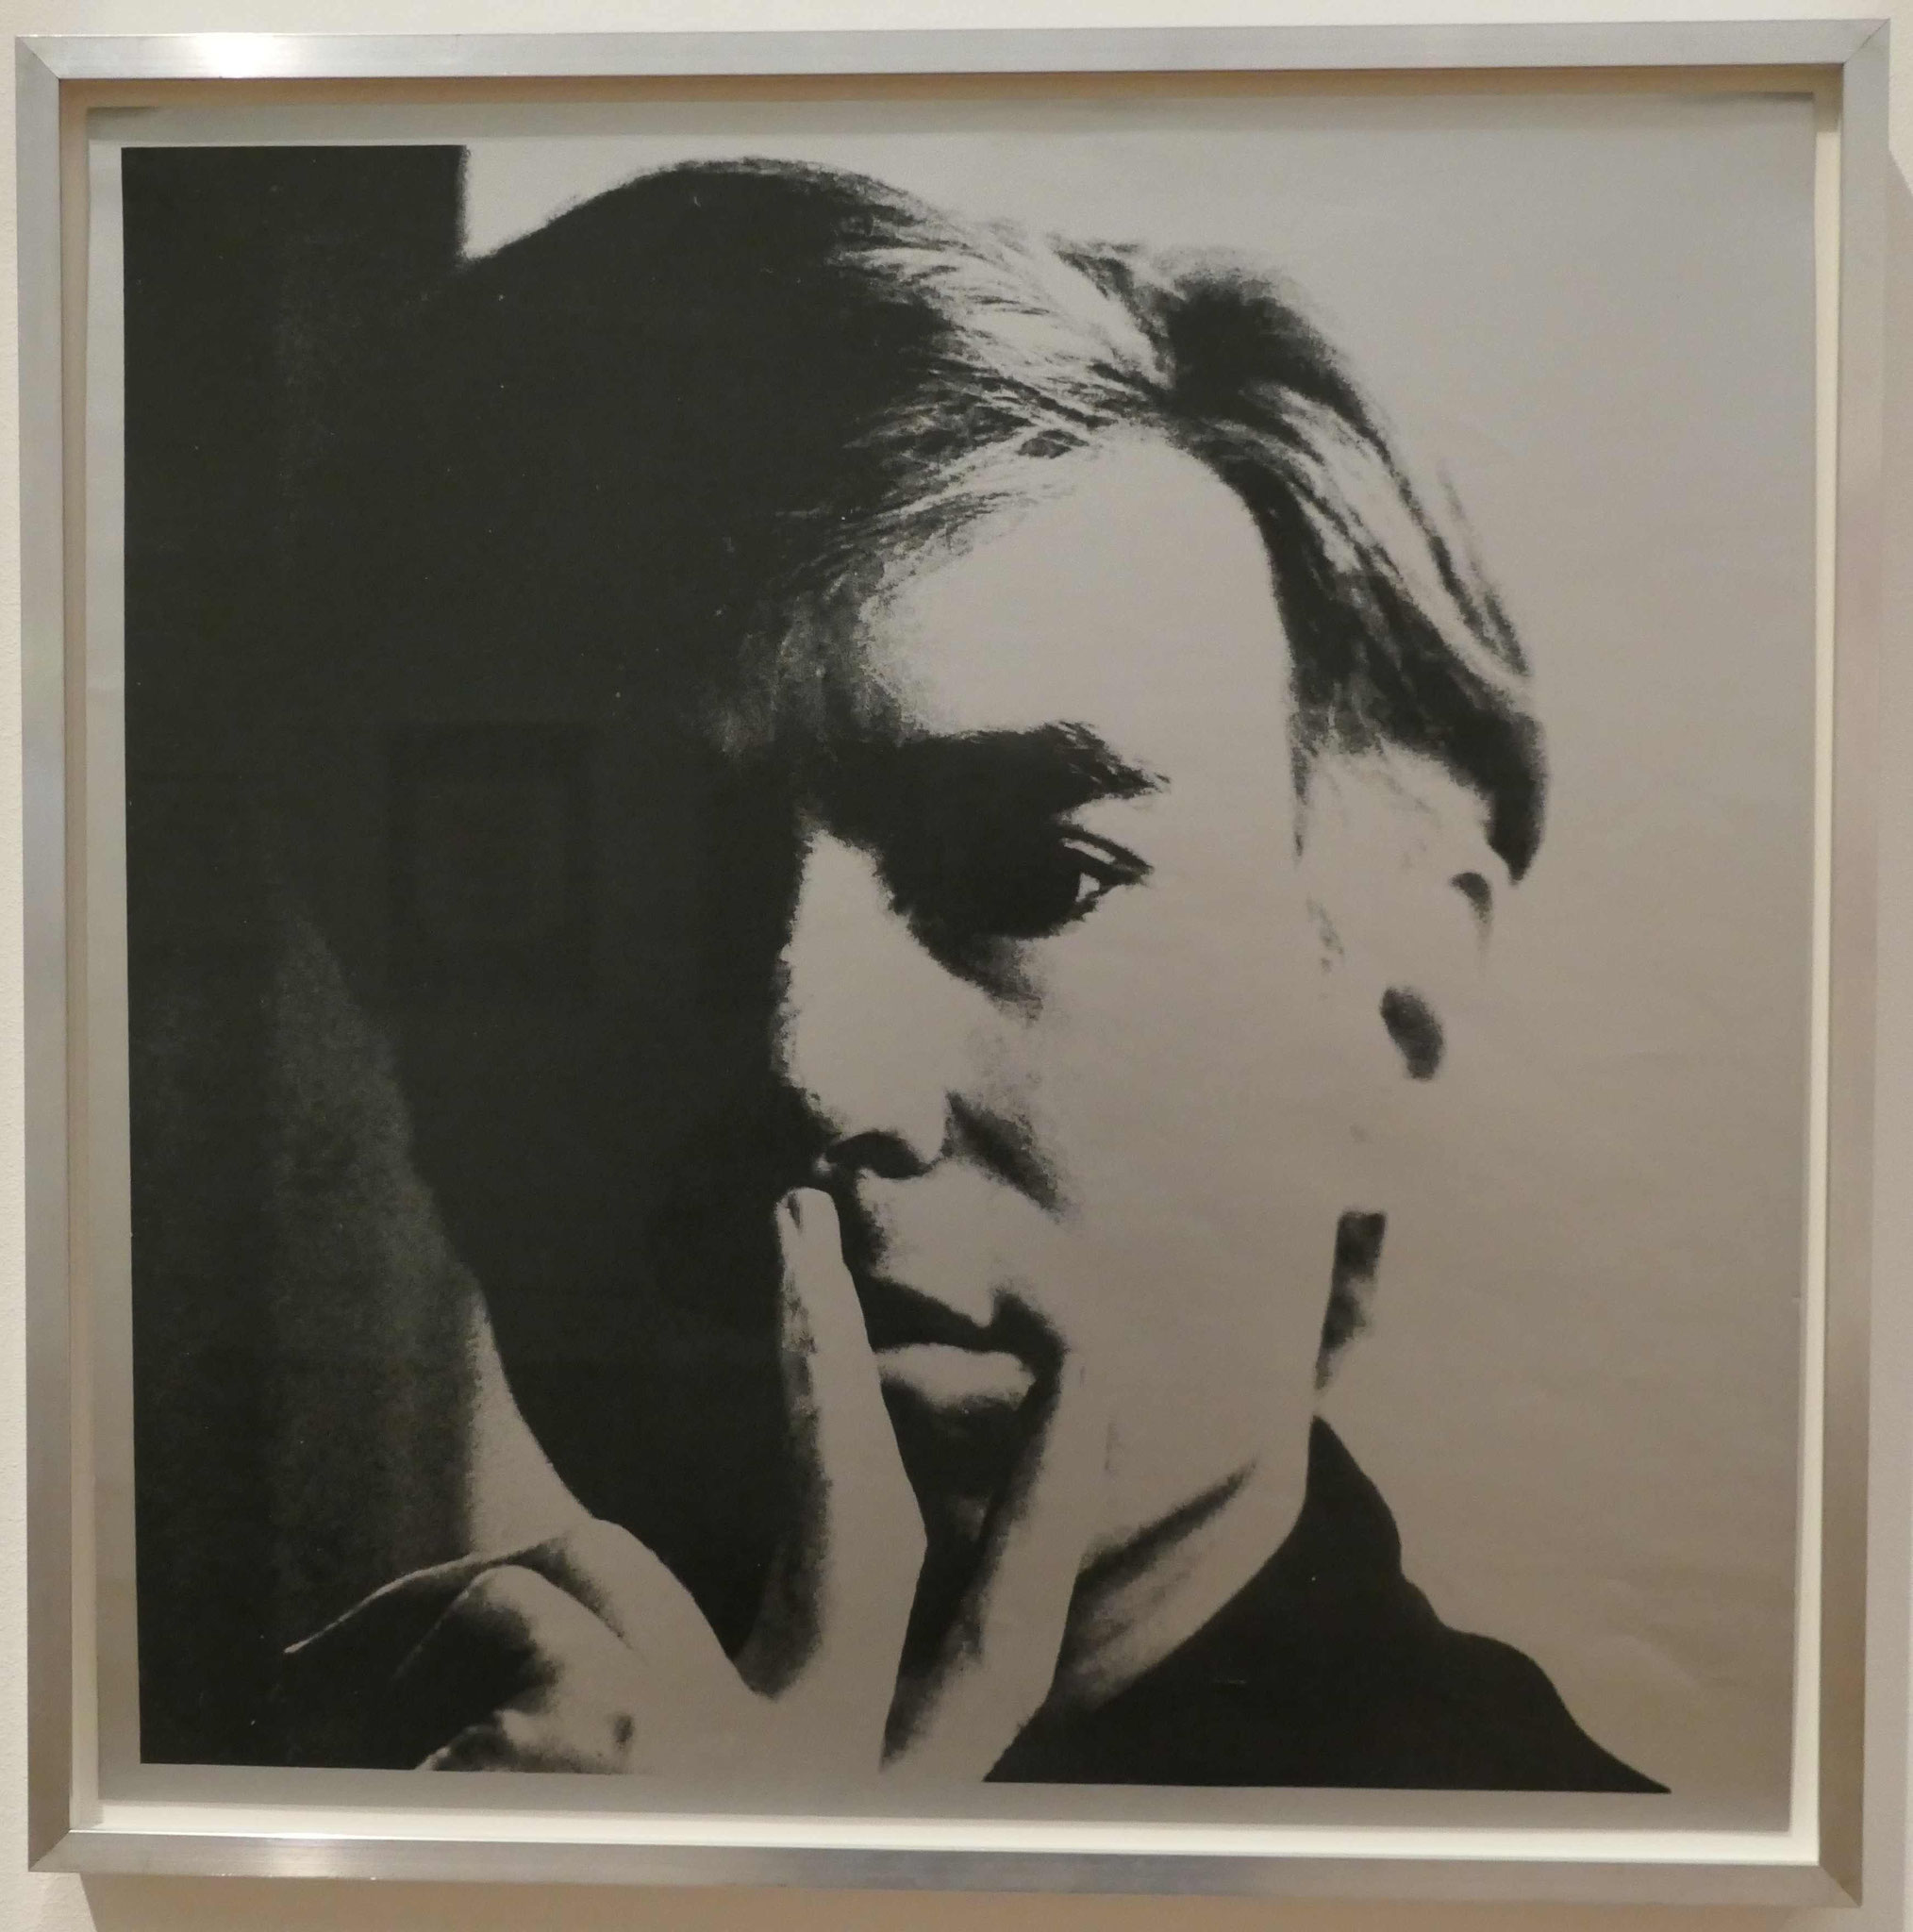 Andy Warhol, Selbstbildnis, 1966, Siebdruck, Kunsthandel Berlin